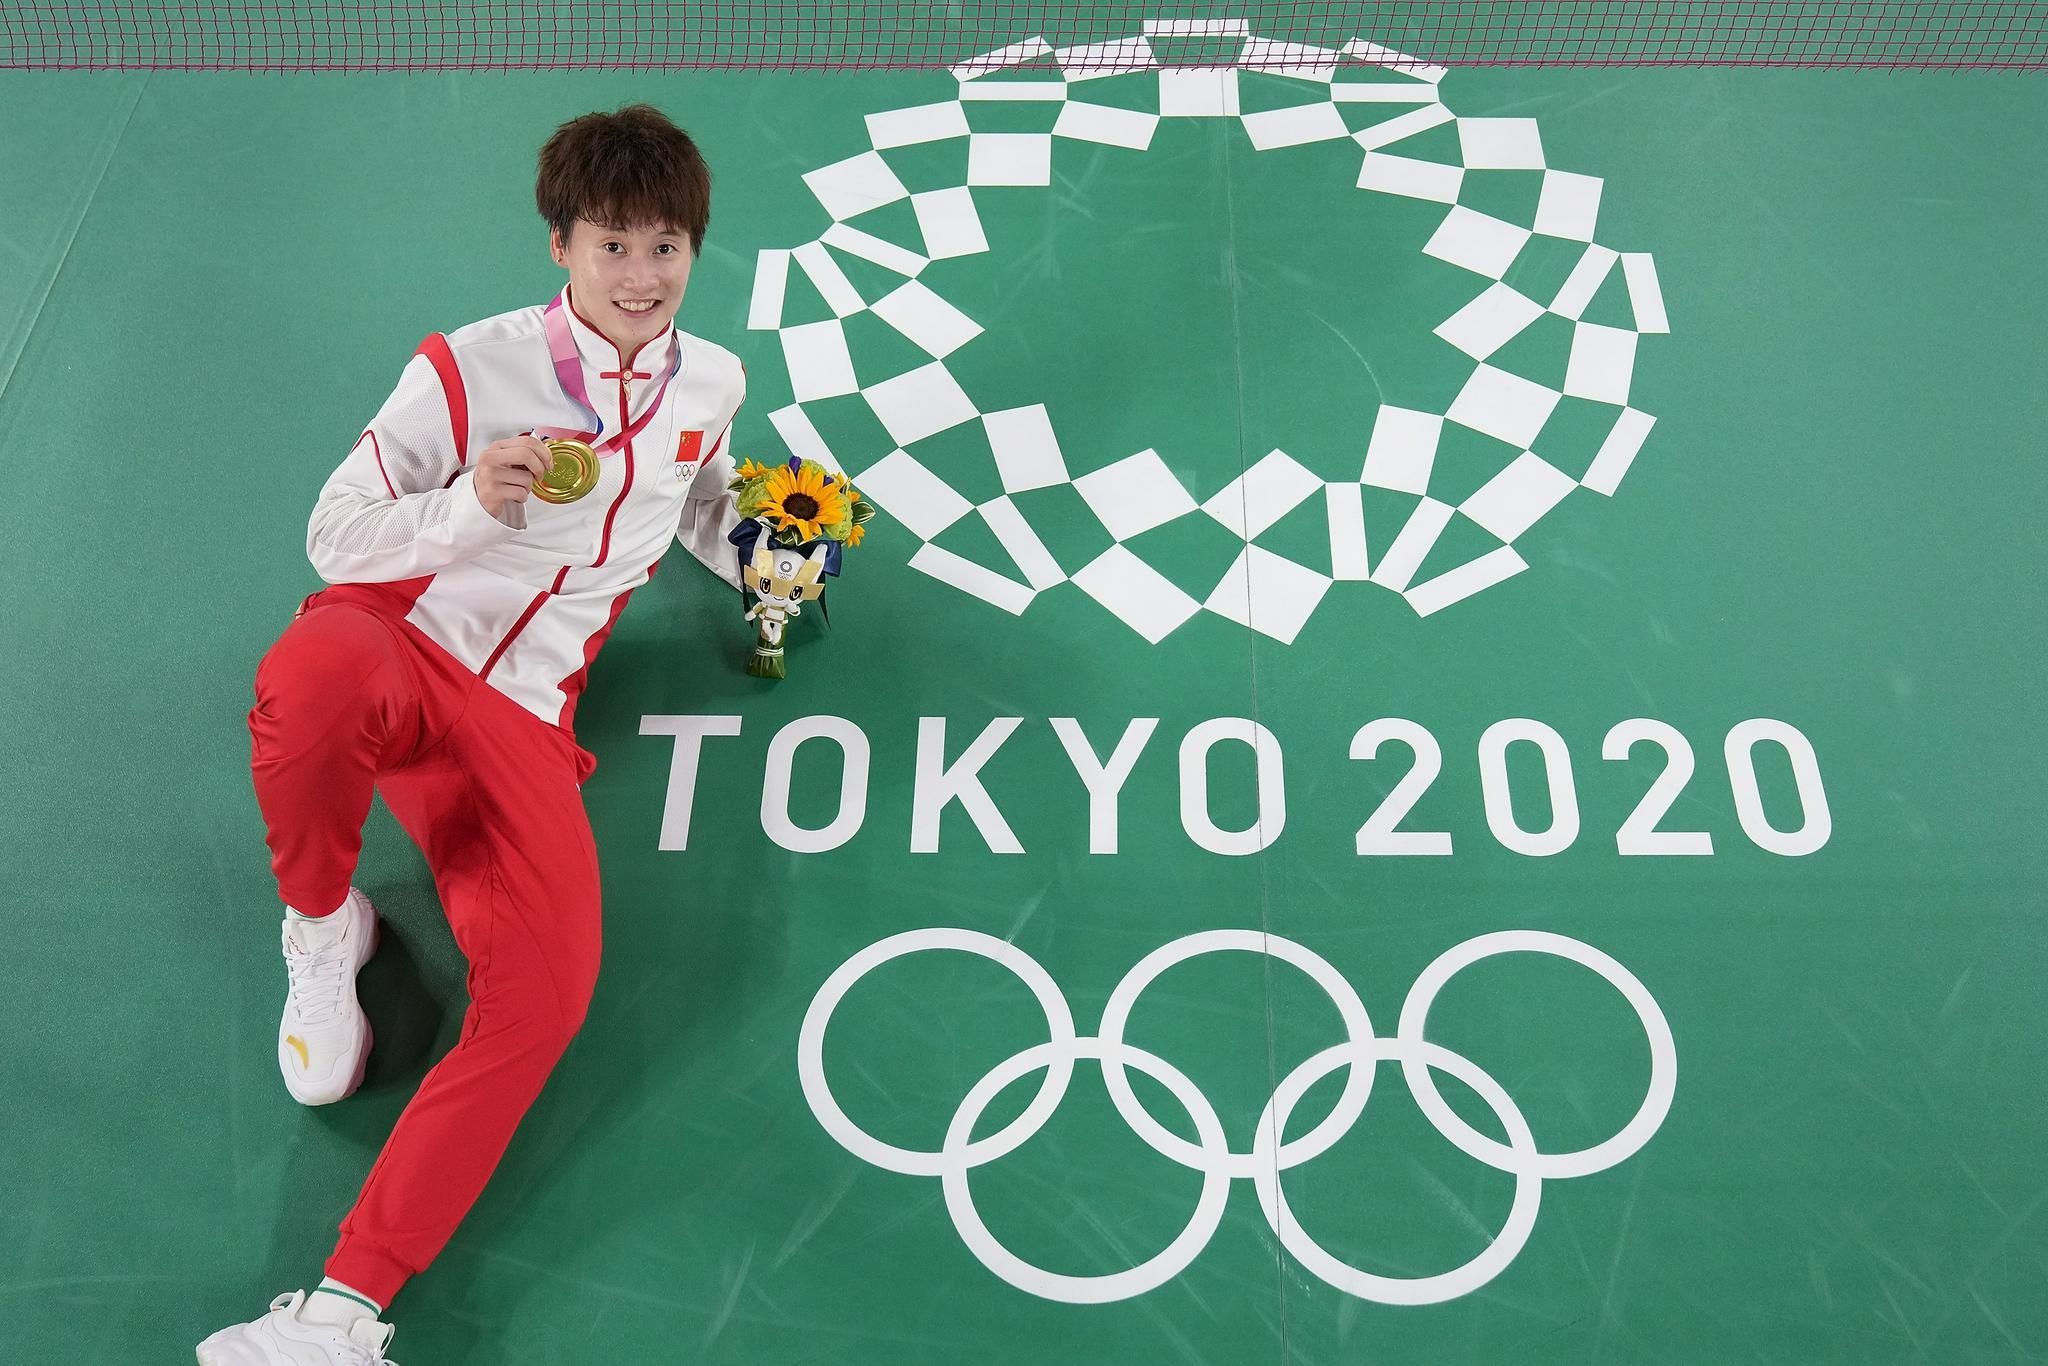 23岁的陈雨菲,拿到了梦想中的金牌。